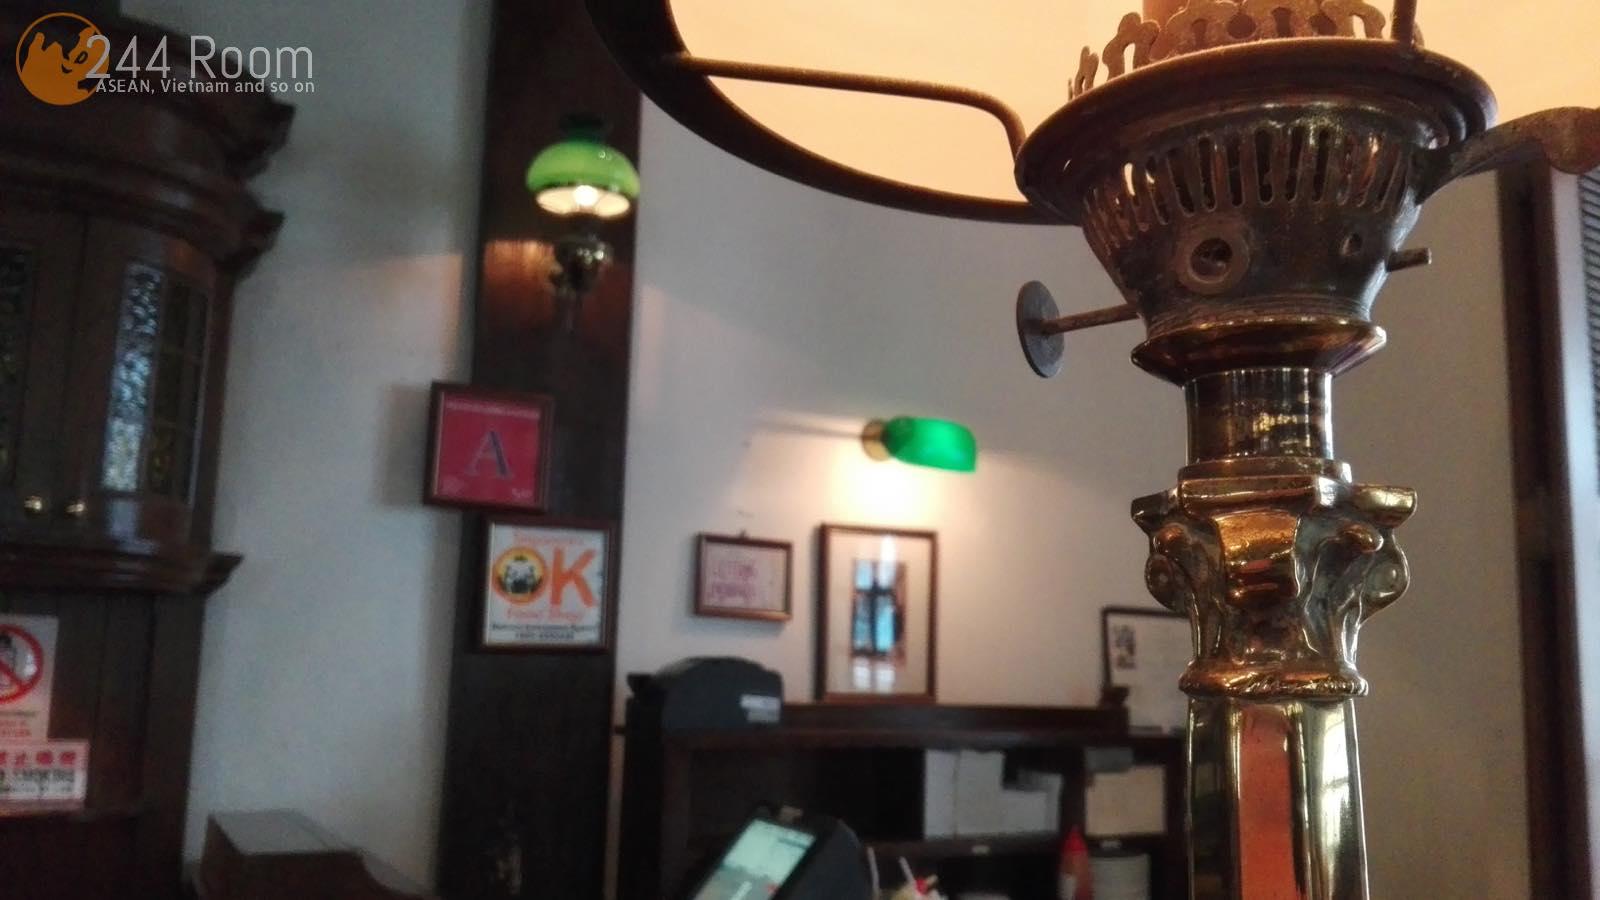 ラッフルズホテルロングバー Raffles-hotel-longbar2